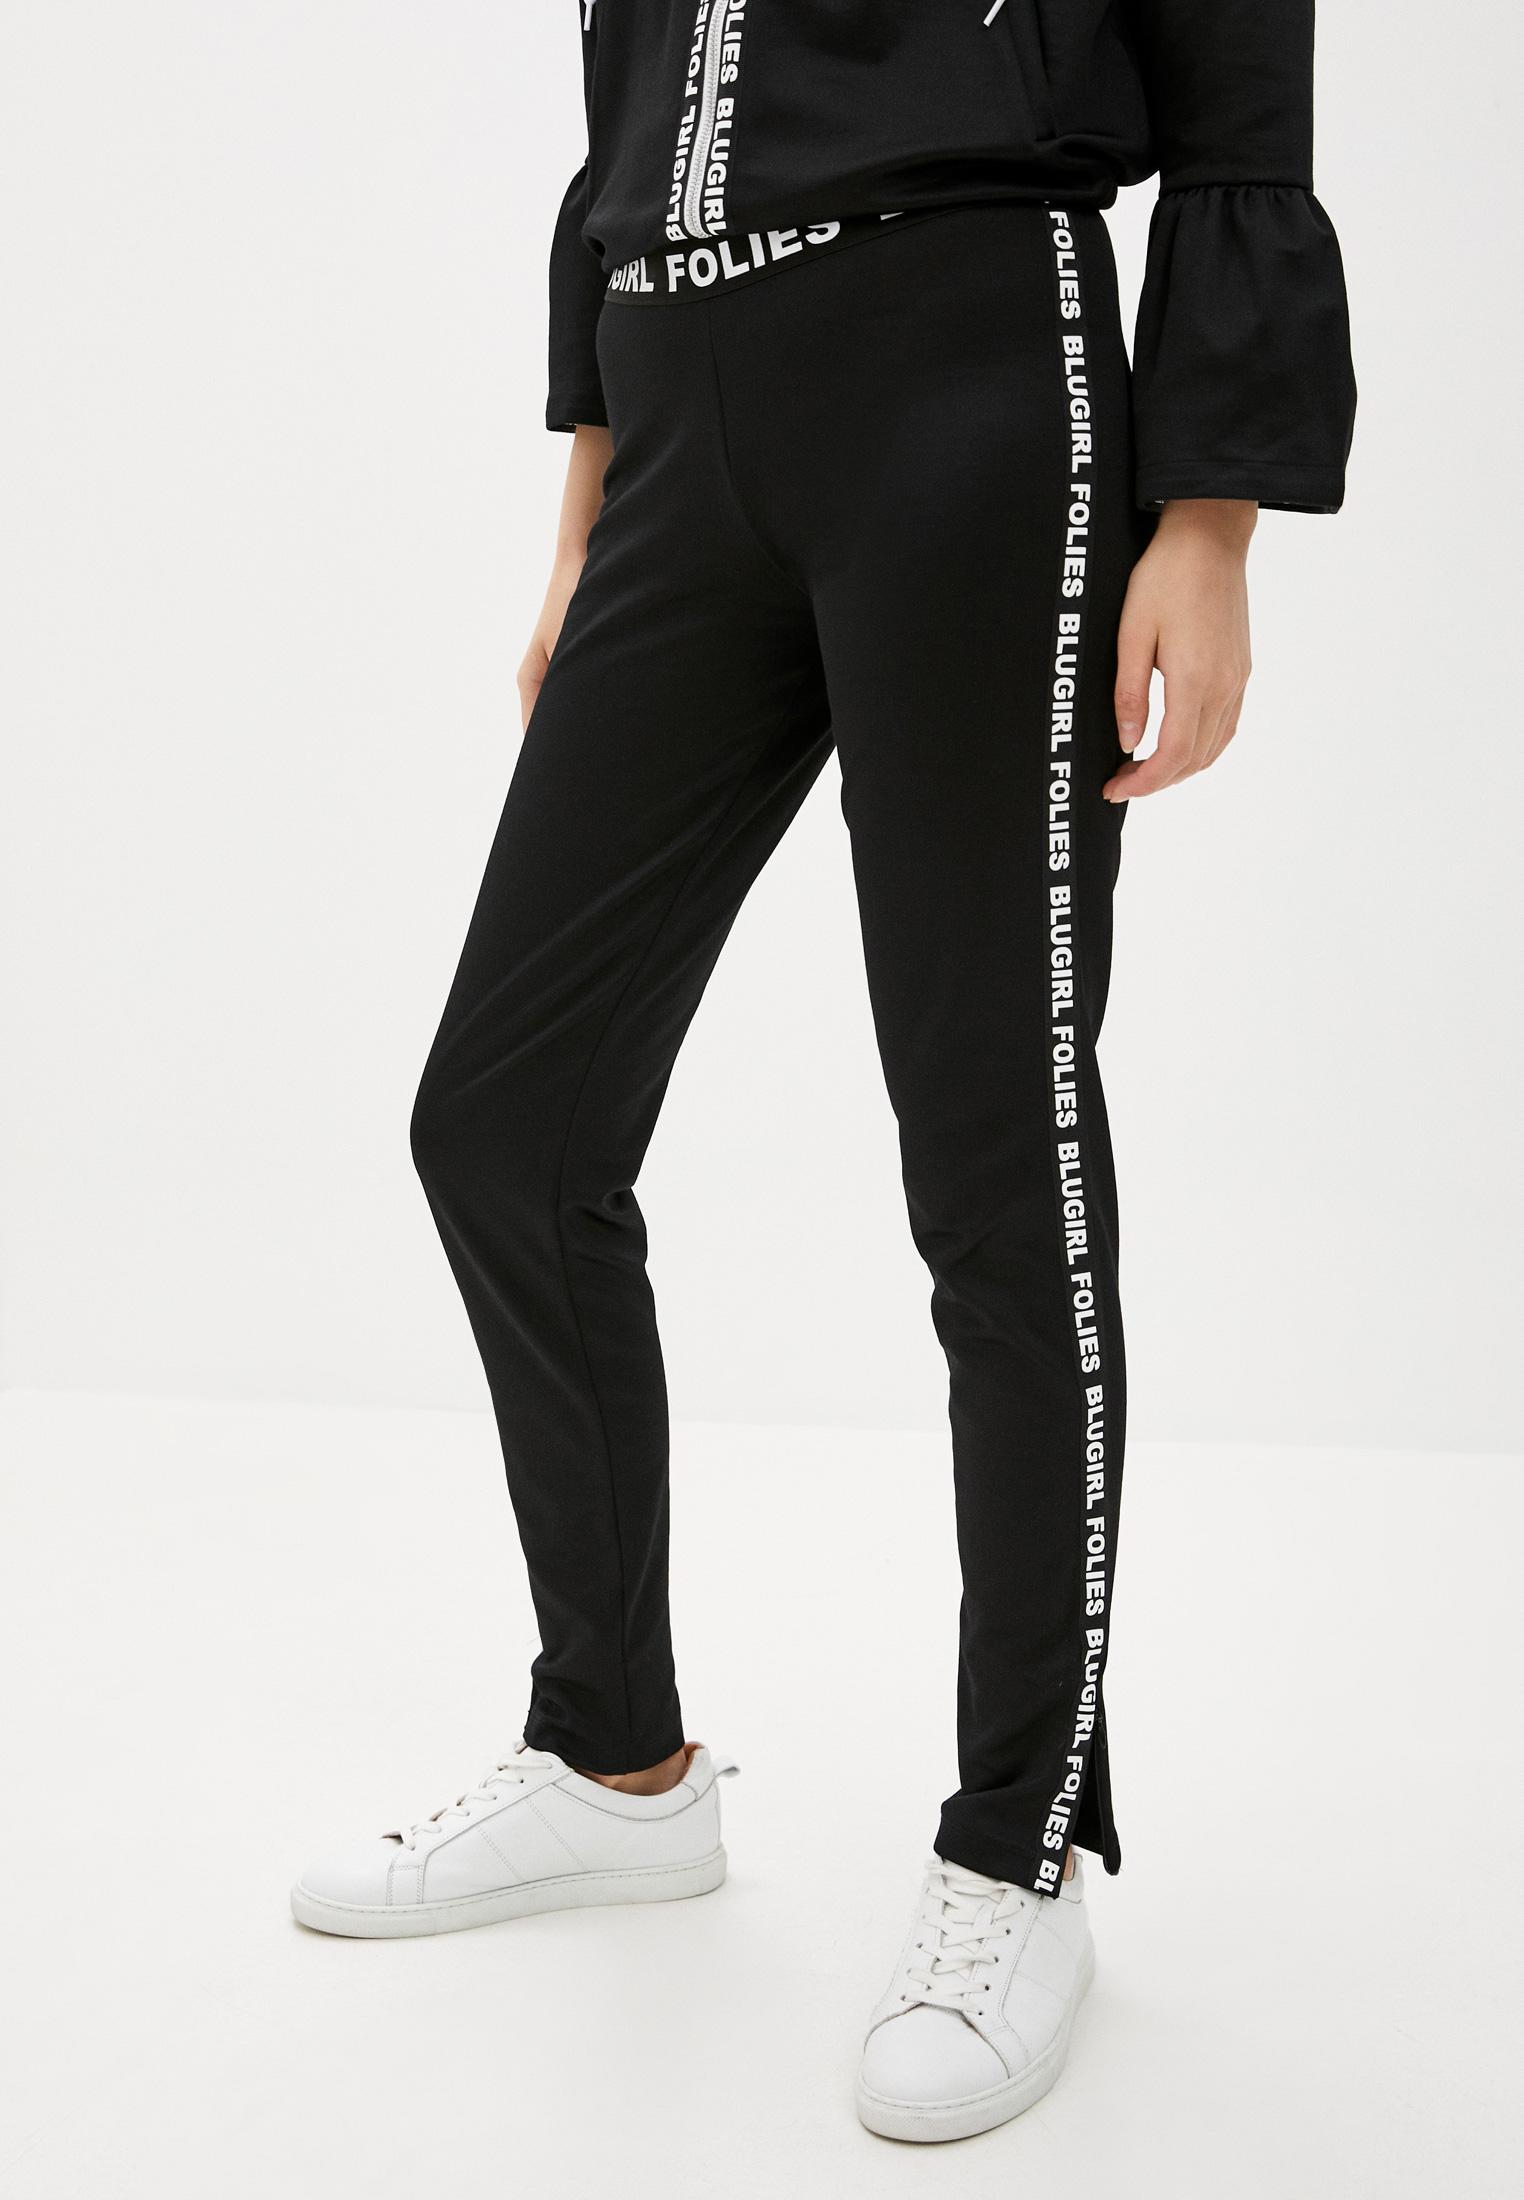 Женские спортивные брюки Blugirl Folies A42336337